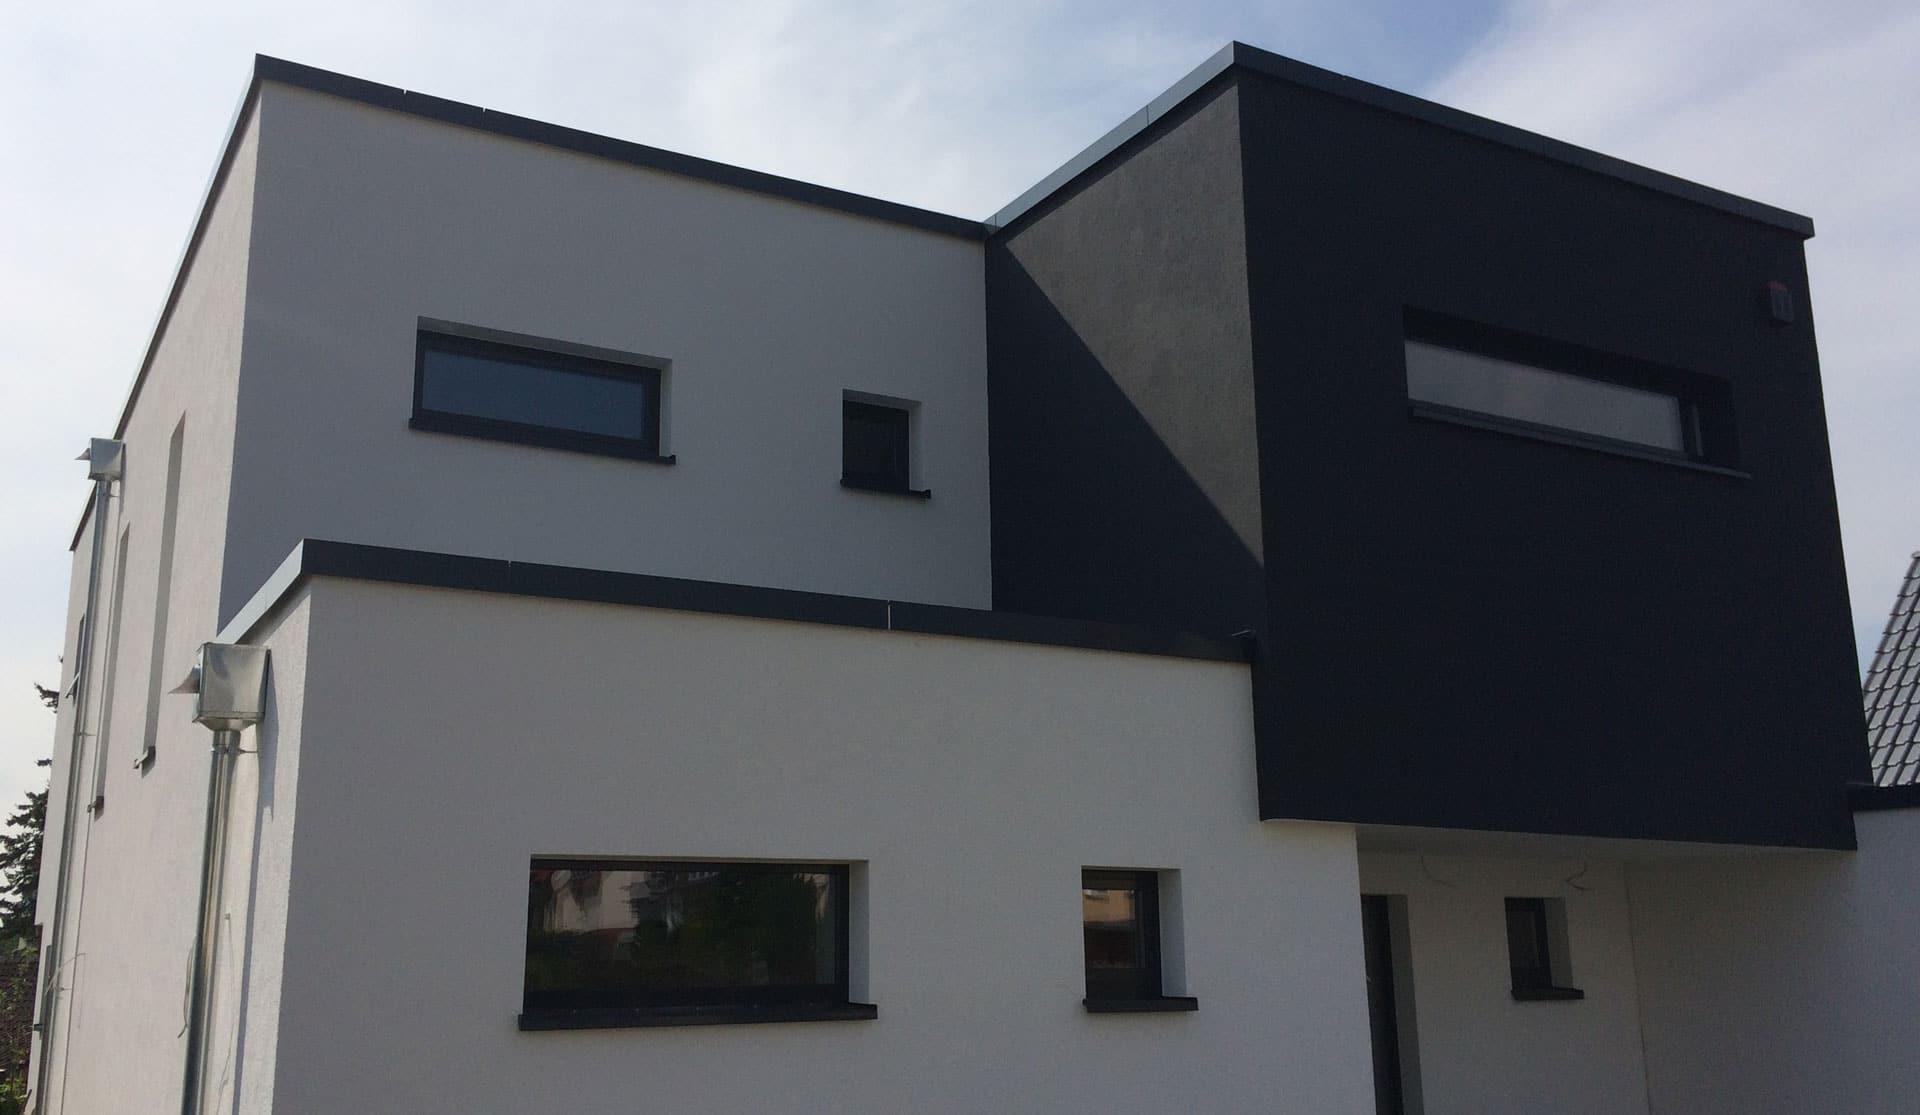 Neubau Einfamilienhaus mit Doppelgarage in Göttingen-Geismar